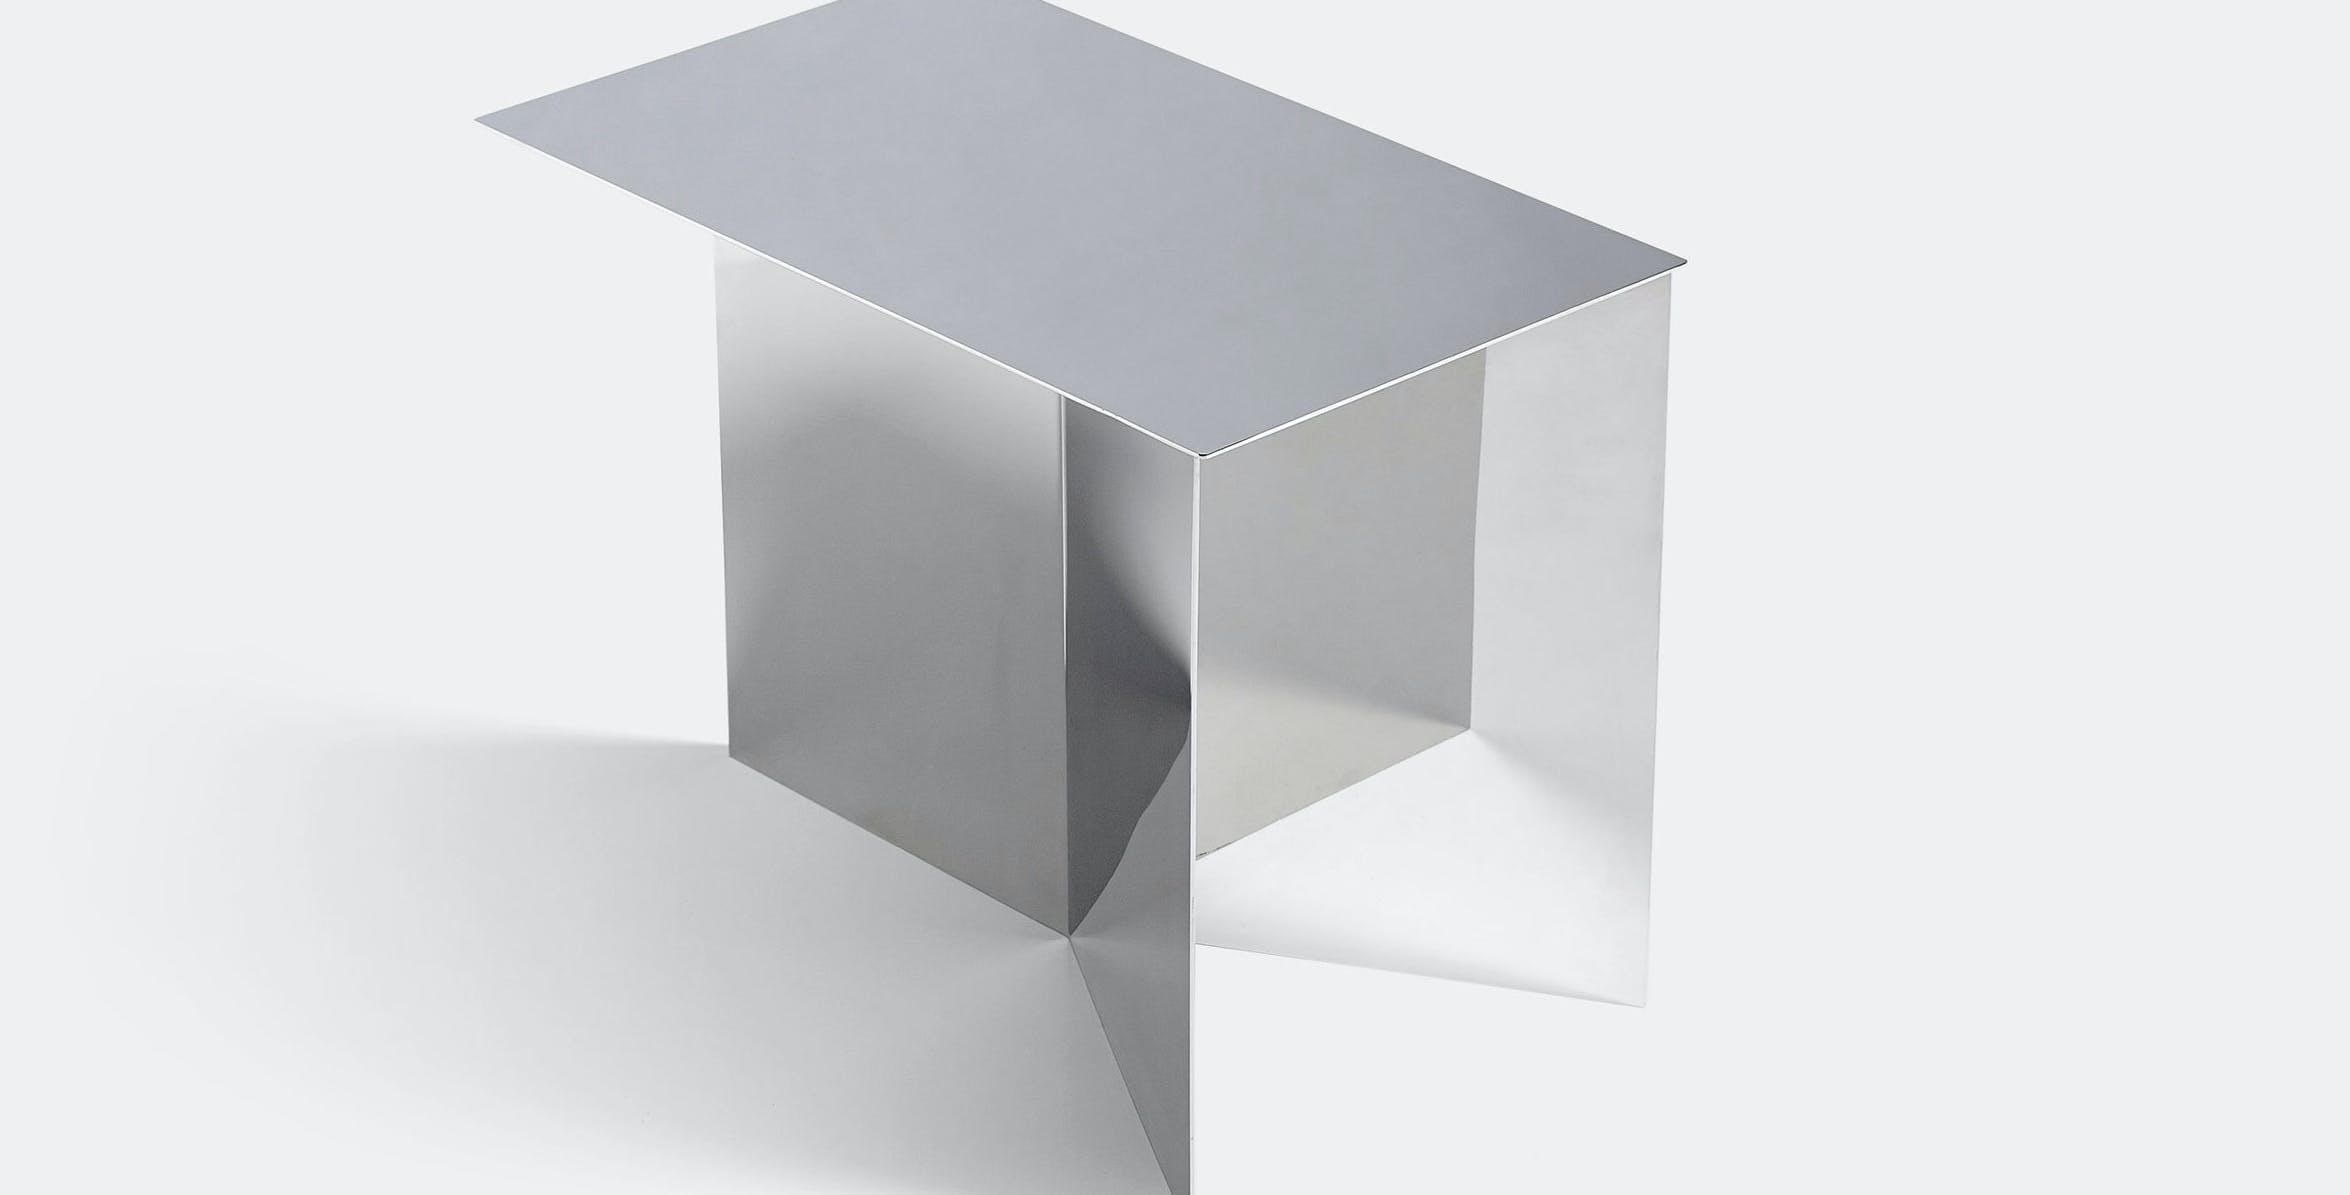 Designer Hay Studio